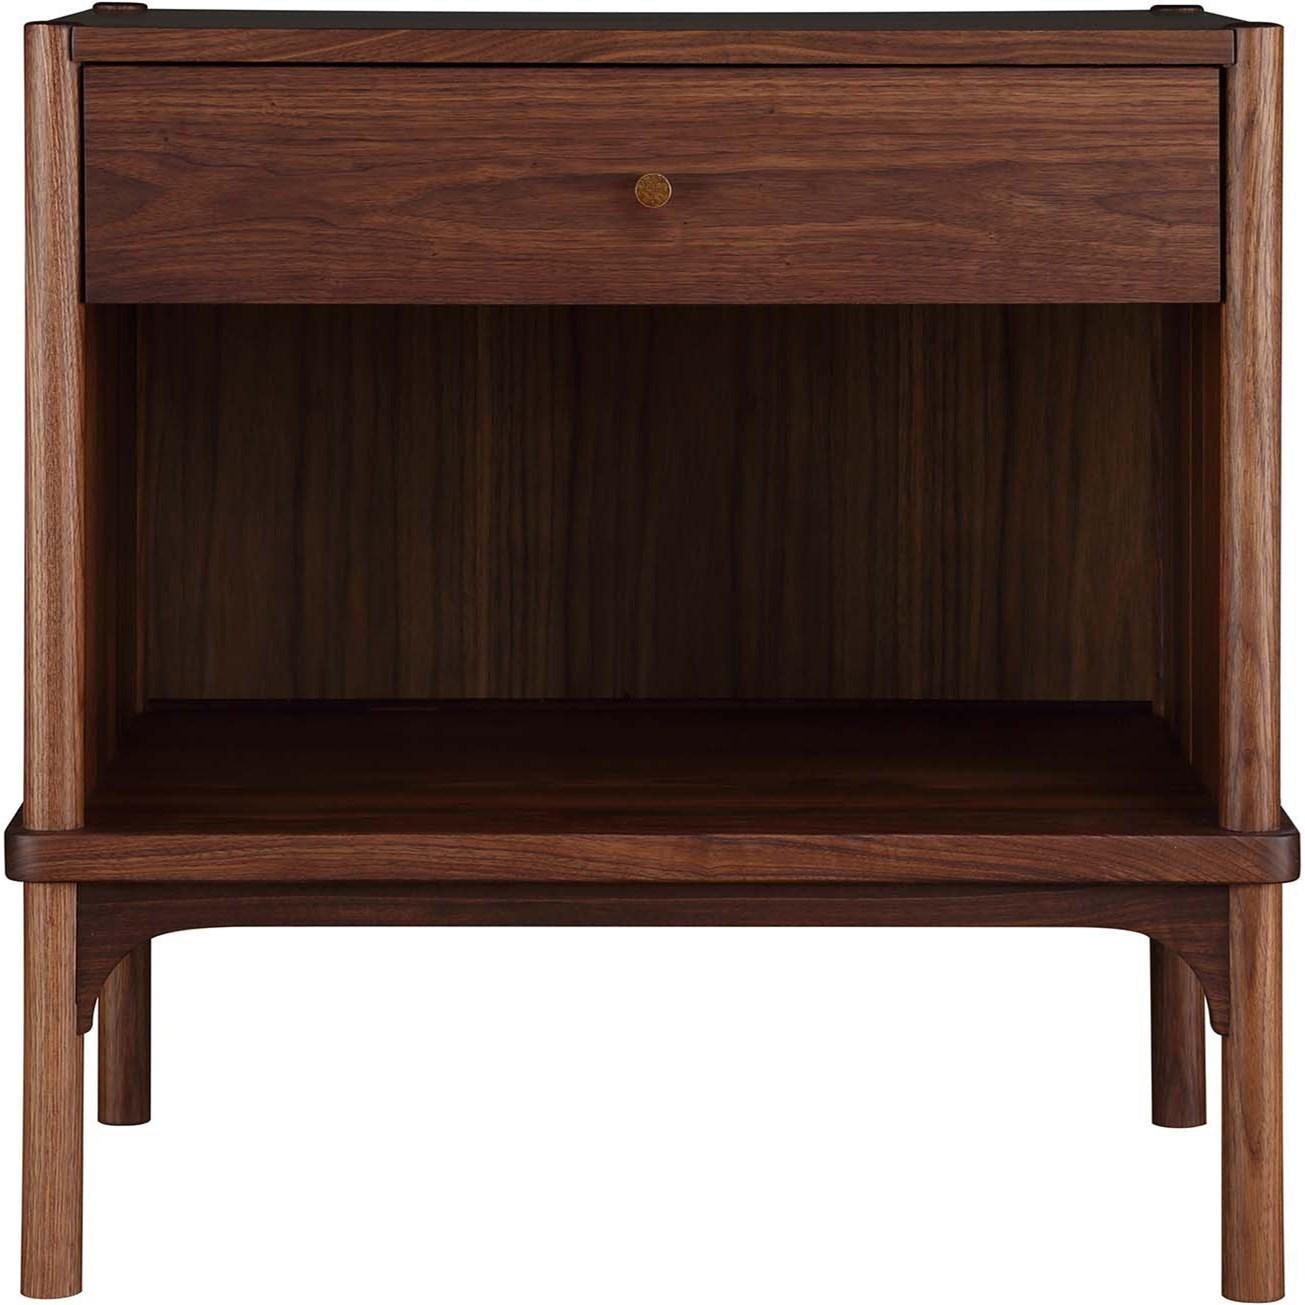 walnut grove open solid wood nightstand